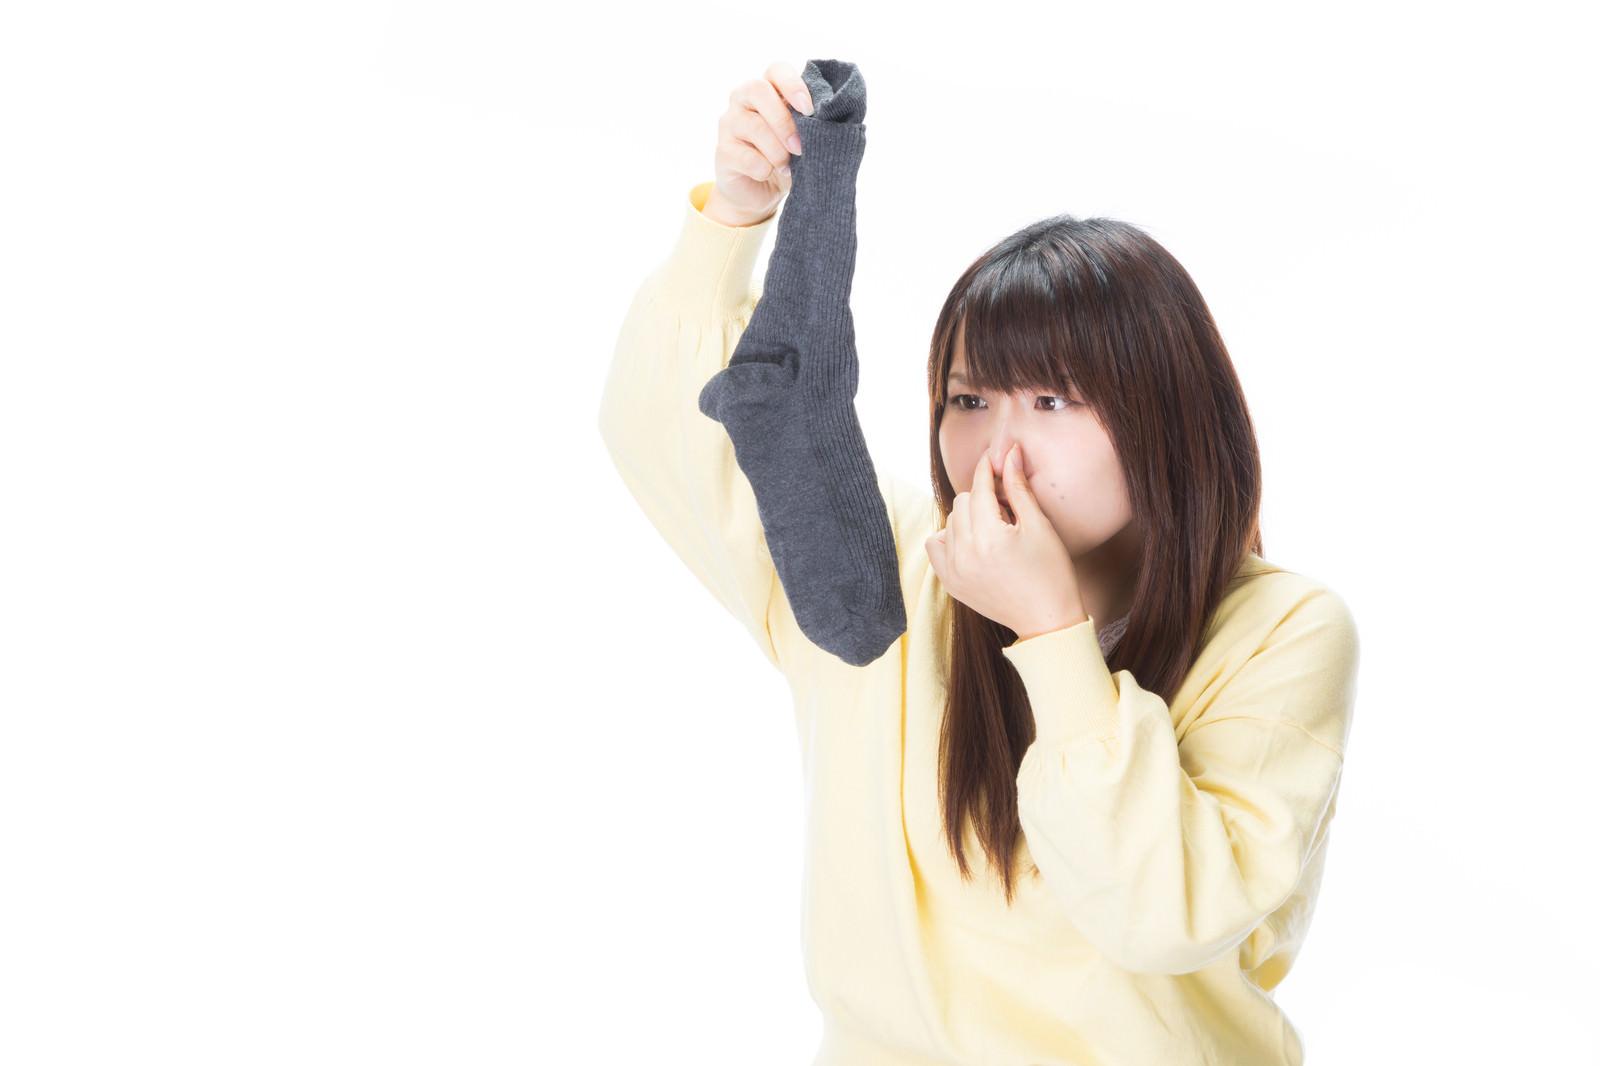 「使用済みの靴下(男性用)から強烈なにおいが・・・使用済みの靴下(男性用)から強烈なにおいが・・・」[モデル:Lala]のフリー写真素材を拡大